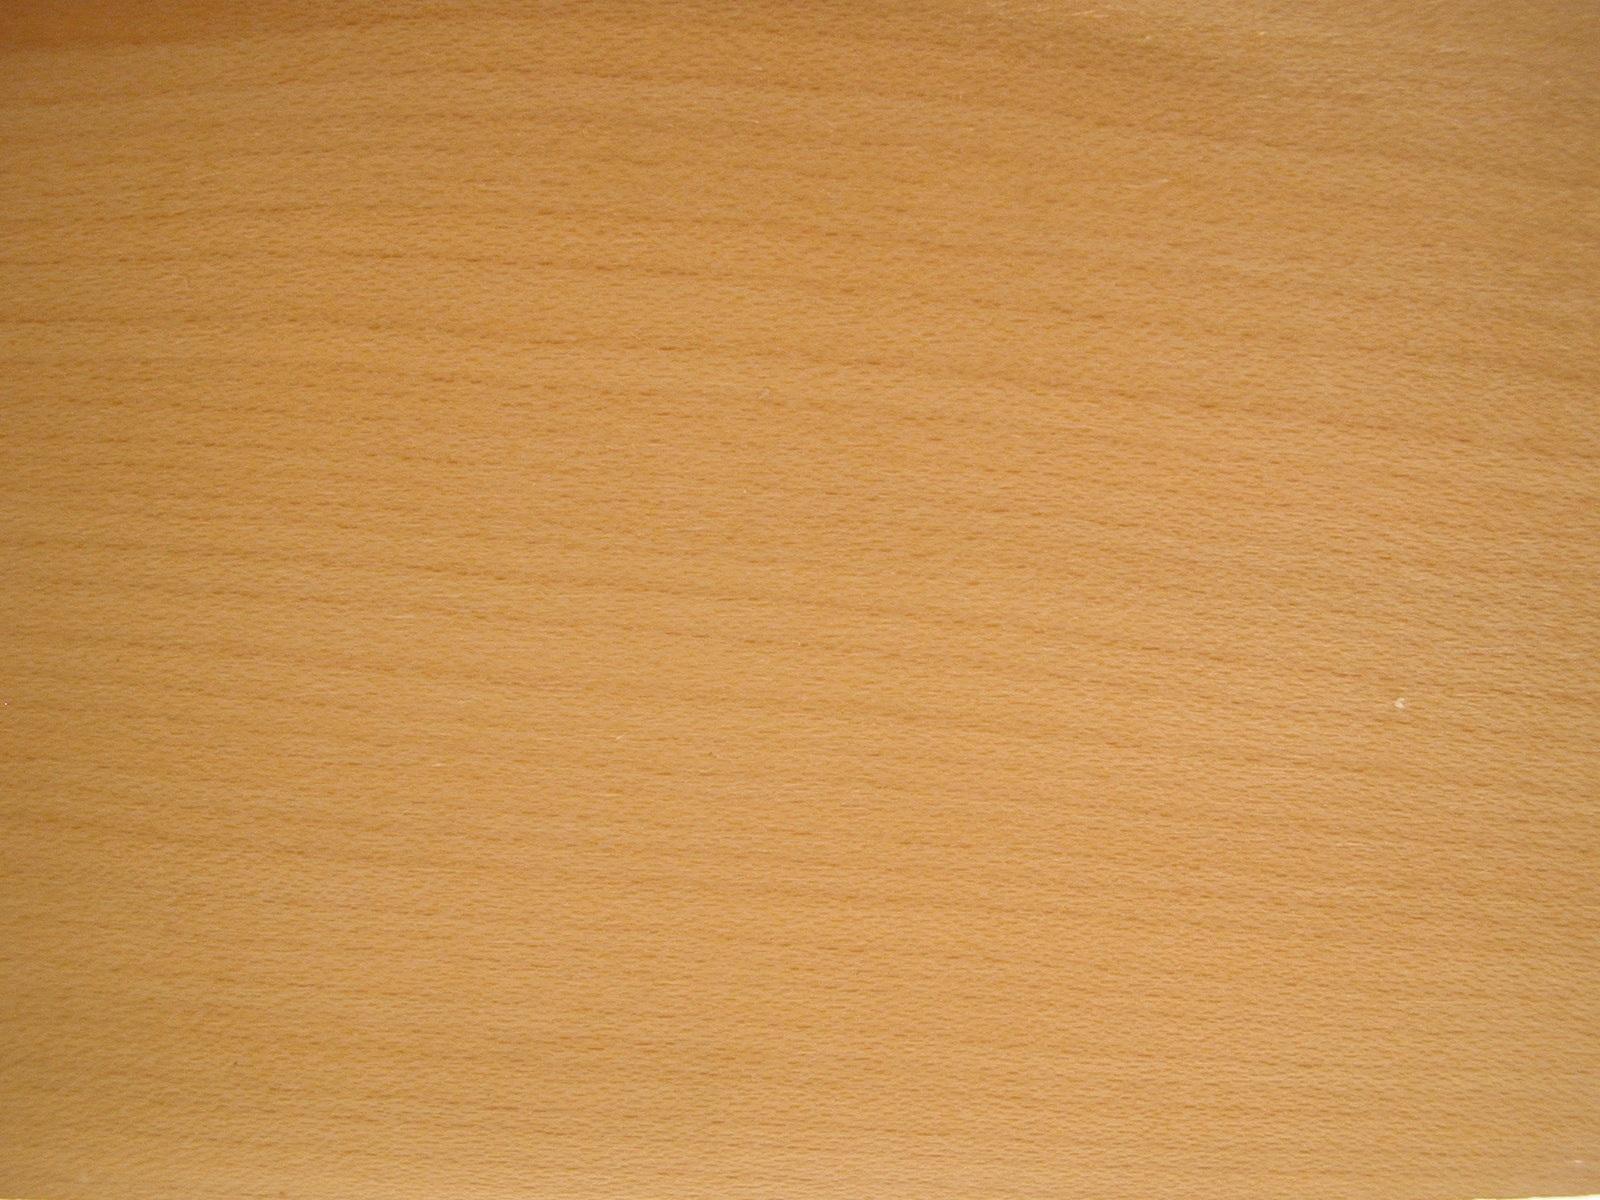 Ahorn Holz.JPG